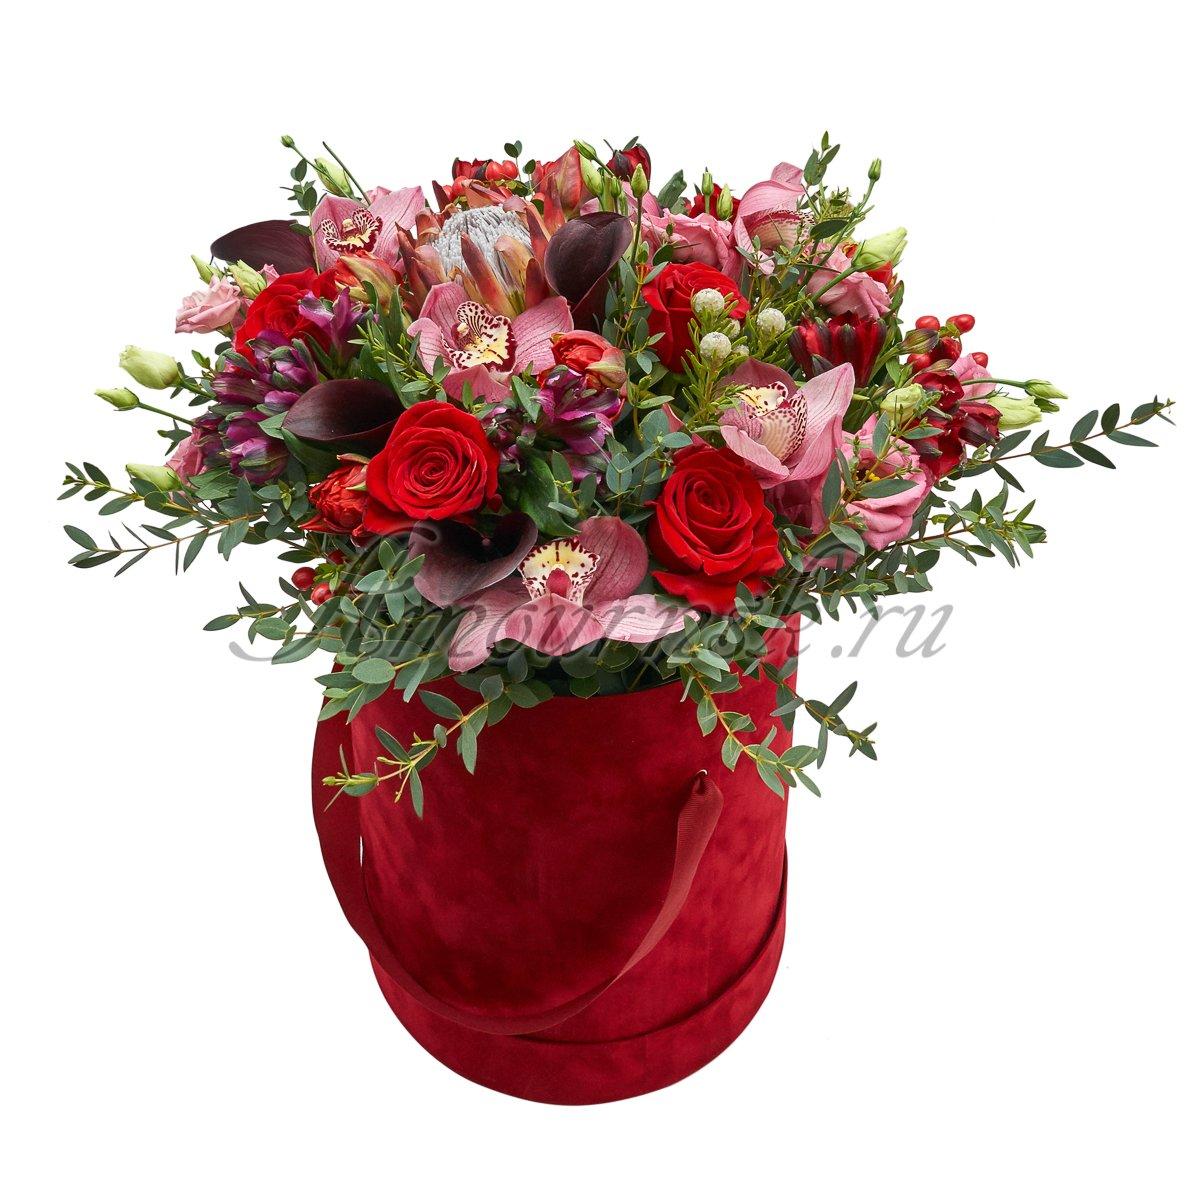 Где купить розы дешево в новосибирске комнатные цветы искусственные в горшочках купить